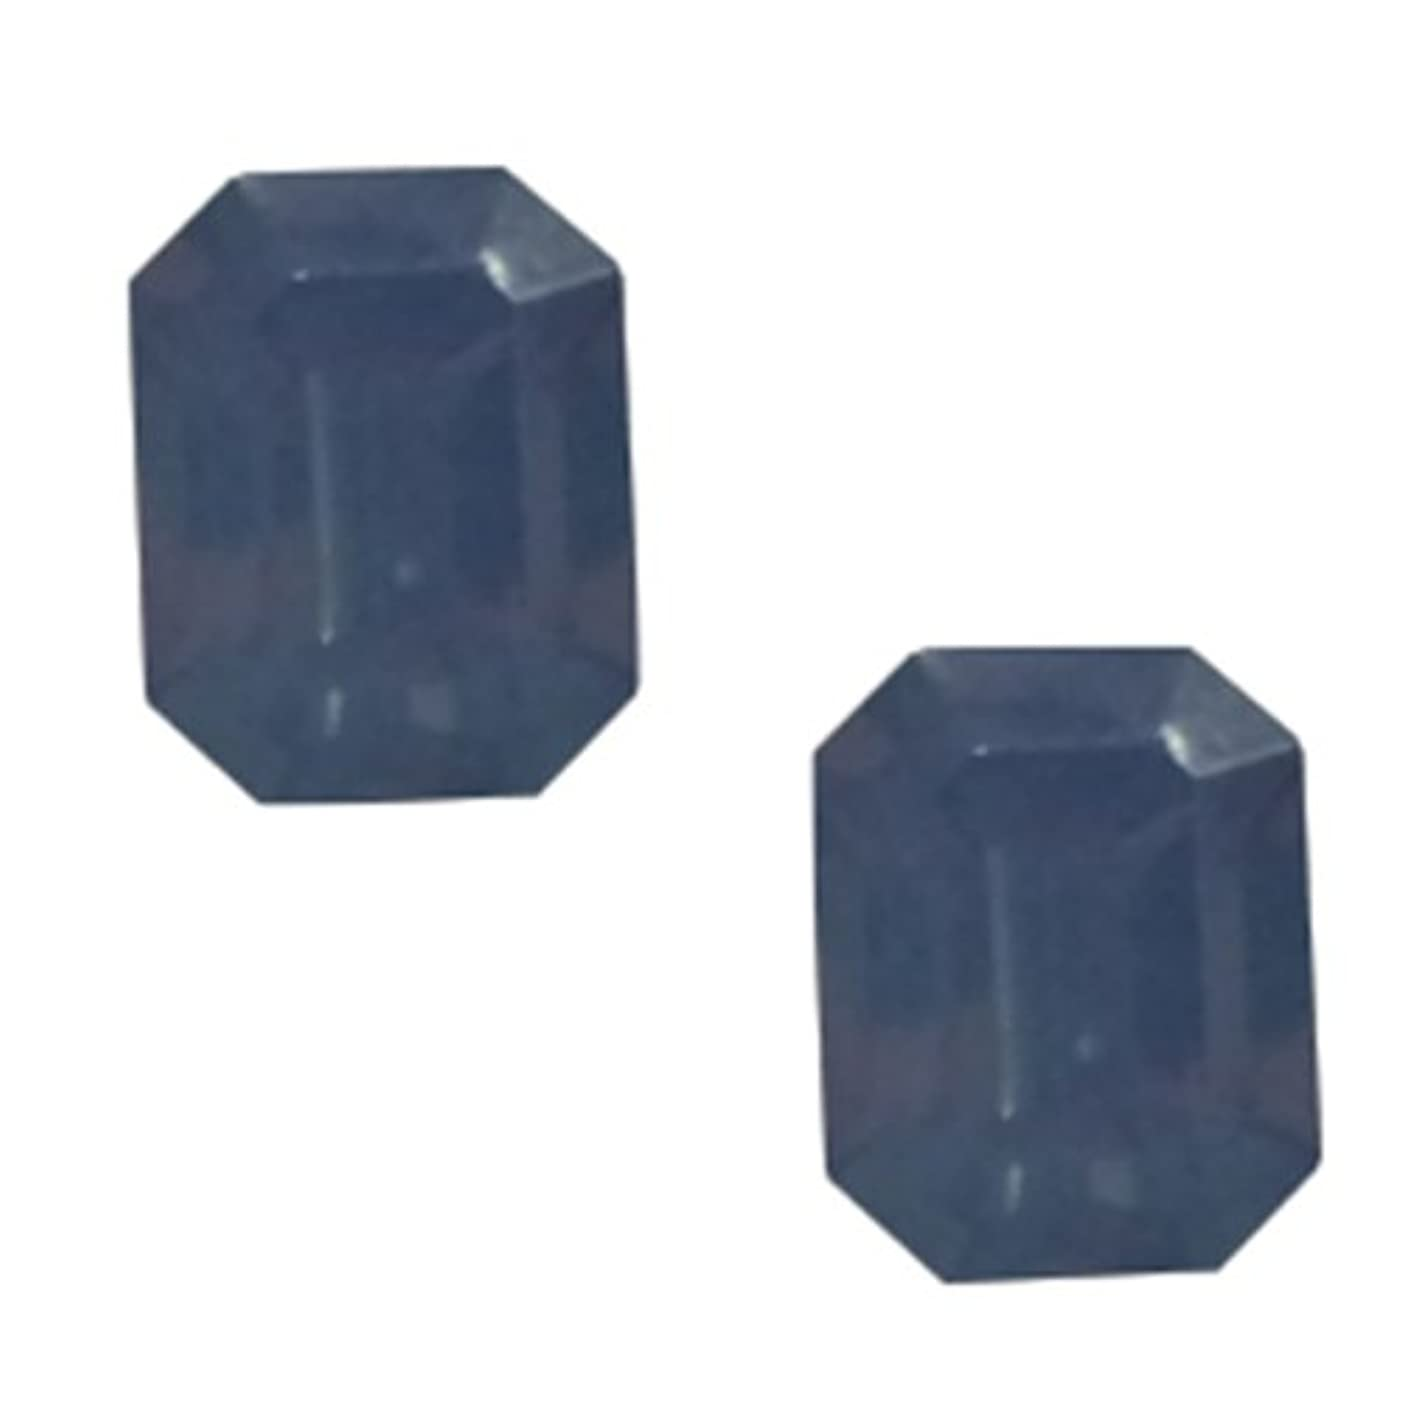 光沢発見乳白色POSH ART ネイルパーツ長方形型 4*6mm 10P ブルーオパール